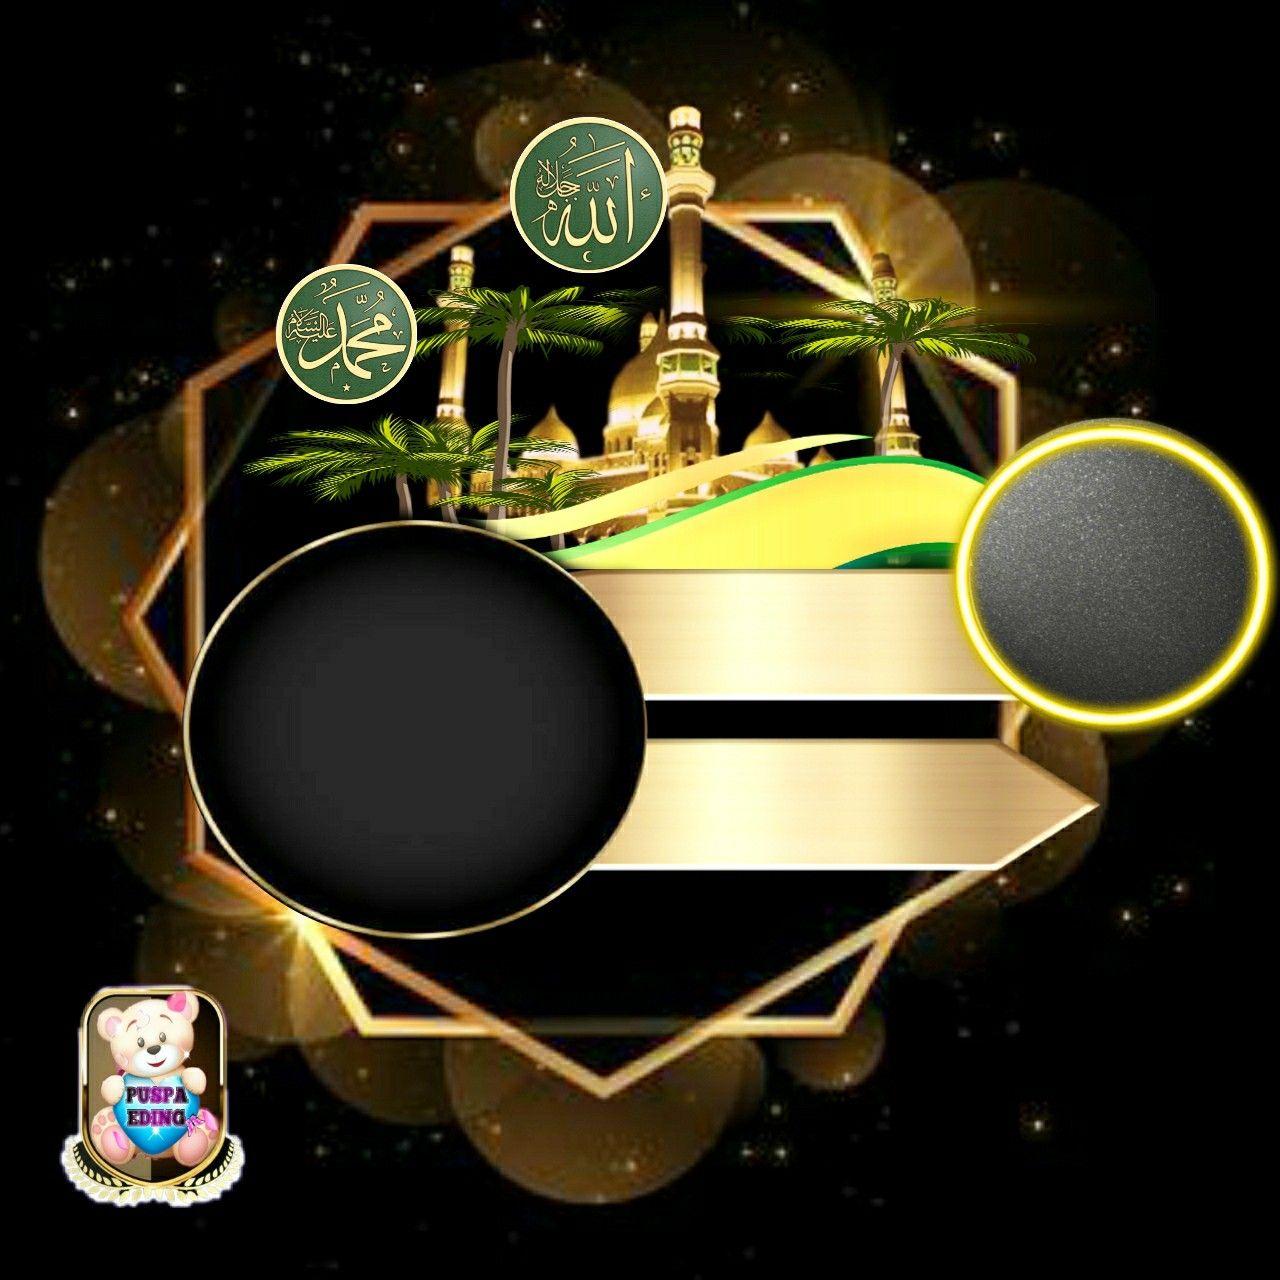 Pin Oleh Aby Fathir Fathir Di Desain Logo Di 2021 Desain Banner Bingkai Foto Seni Islamis